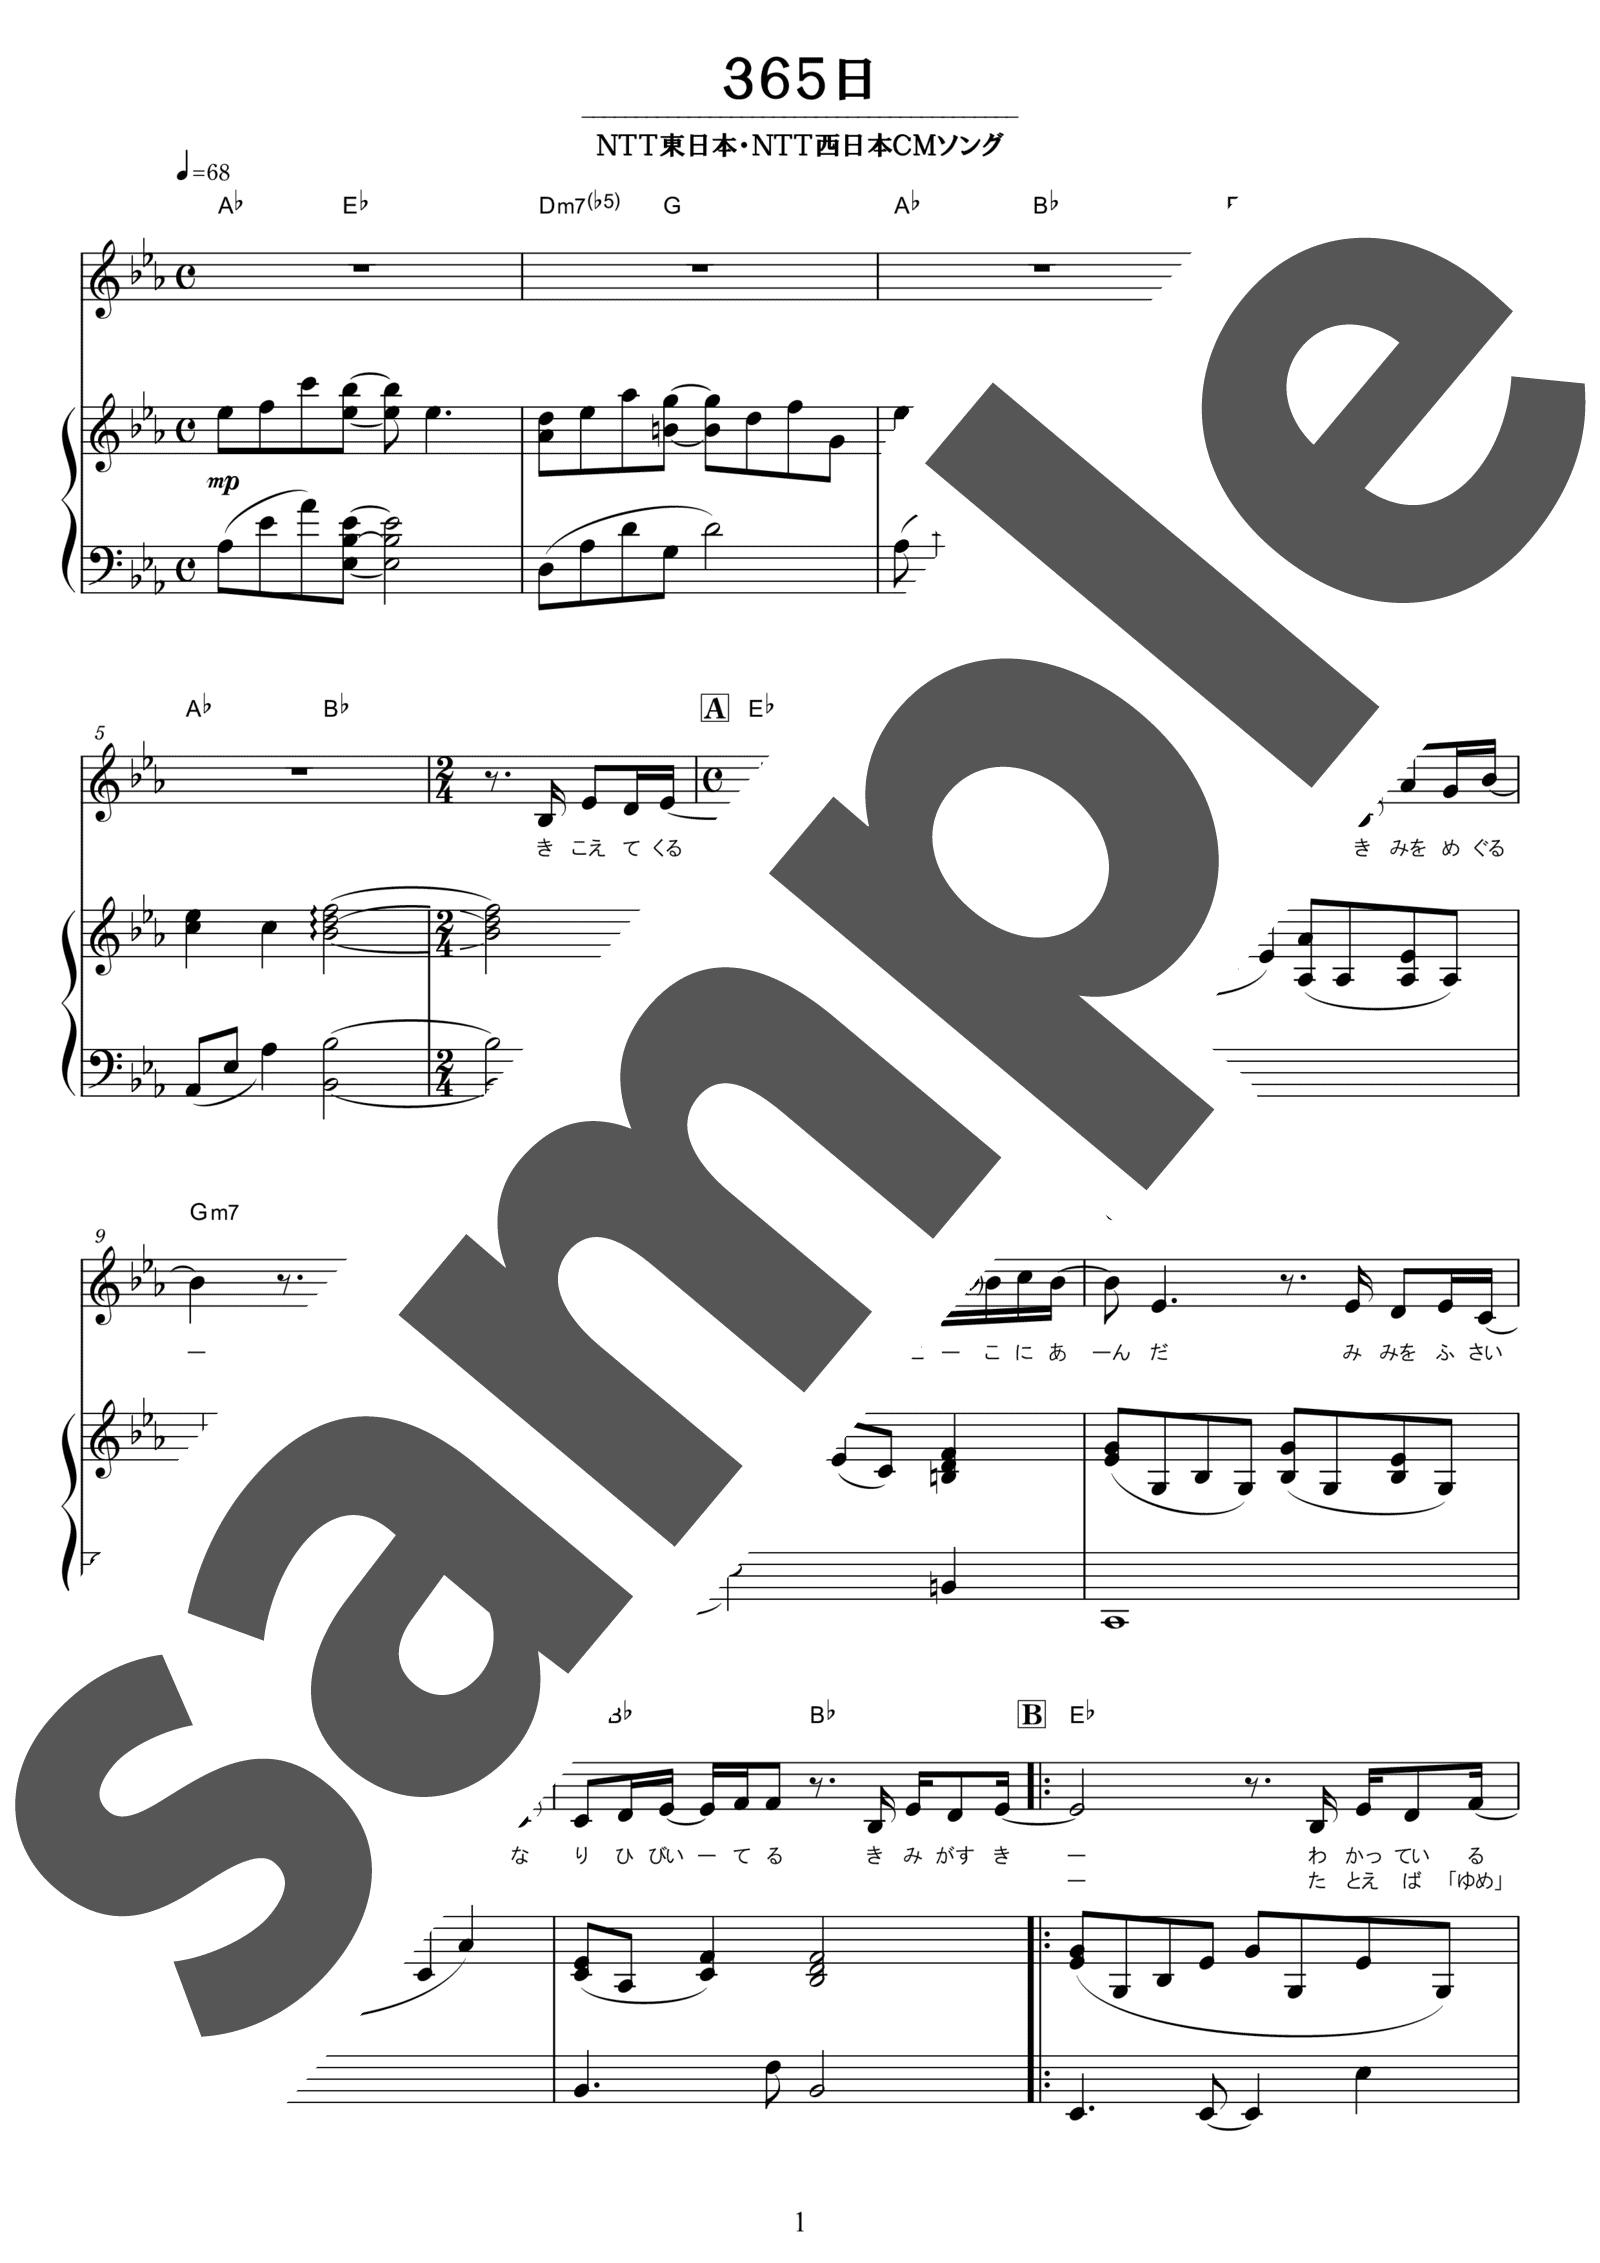 「365日」のサンプル楽譜